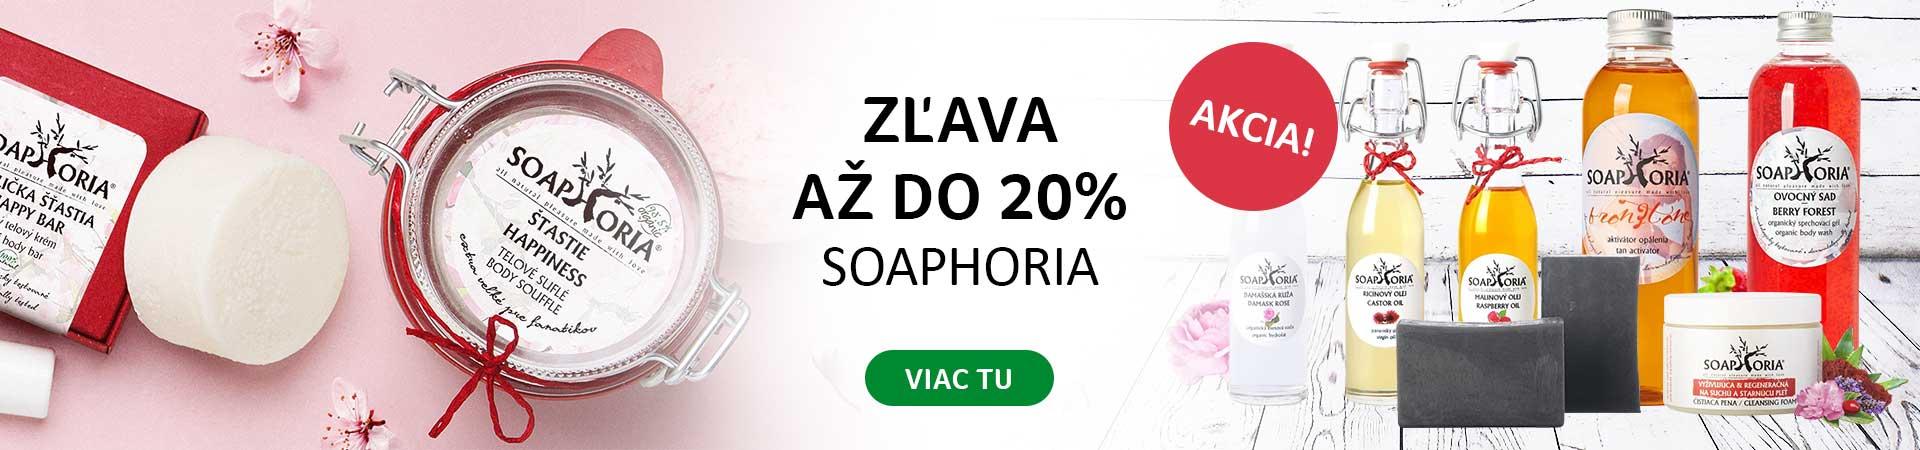 20% Zľava na všetky produkty Sopahoria + Doprava zadarmo Liptavia a Ecohead